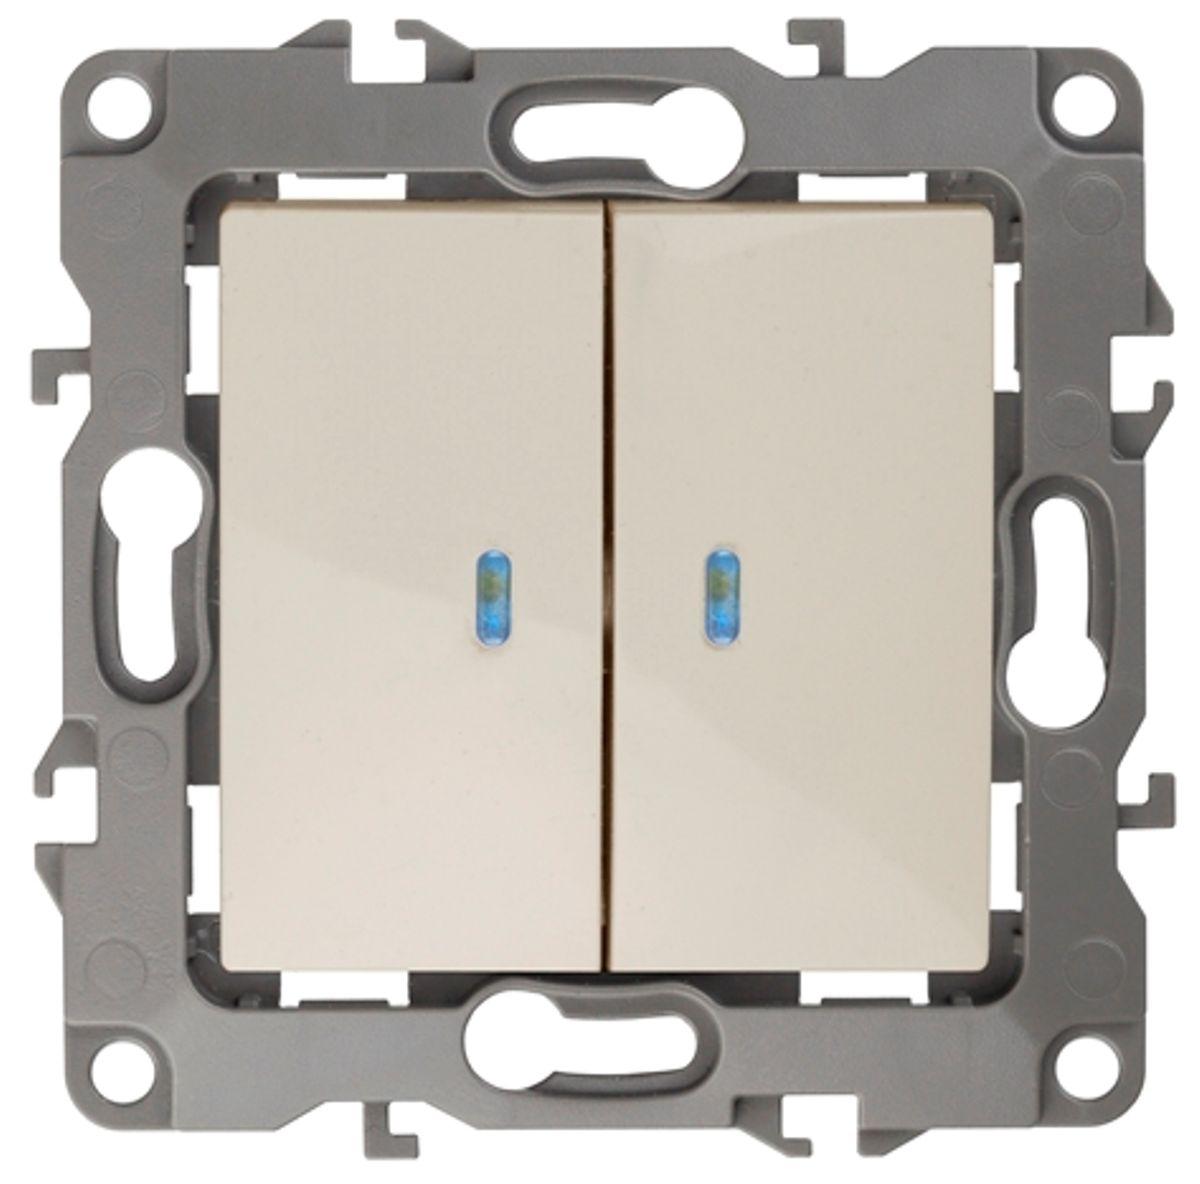 Выключатель ЭРА, двойной, с подсветкой, цвет: слоновая кость, серый. 12-1105-0212-1105-02Двойной выключатель ЭРА выполнен из прочного поликарбоната, контакты - бронзовые. Световой индикатор на клавишах поможет вам разглядеть выключатель даже в темноте. Выключатель имеет специальные фиксаторы, которые не дают ему смещаться как при монтаже, так и в процессе эксплуатации. Автоматические зажимы кабеля обеспечивают быстрый и надежный монтаж изделия к электросети без отвертки и не требуют обслуживания в отличие от винтовых зажимов.